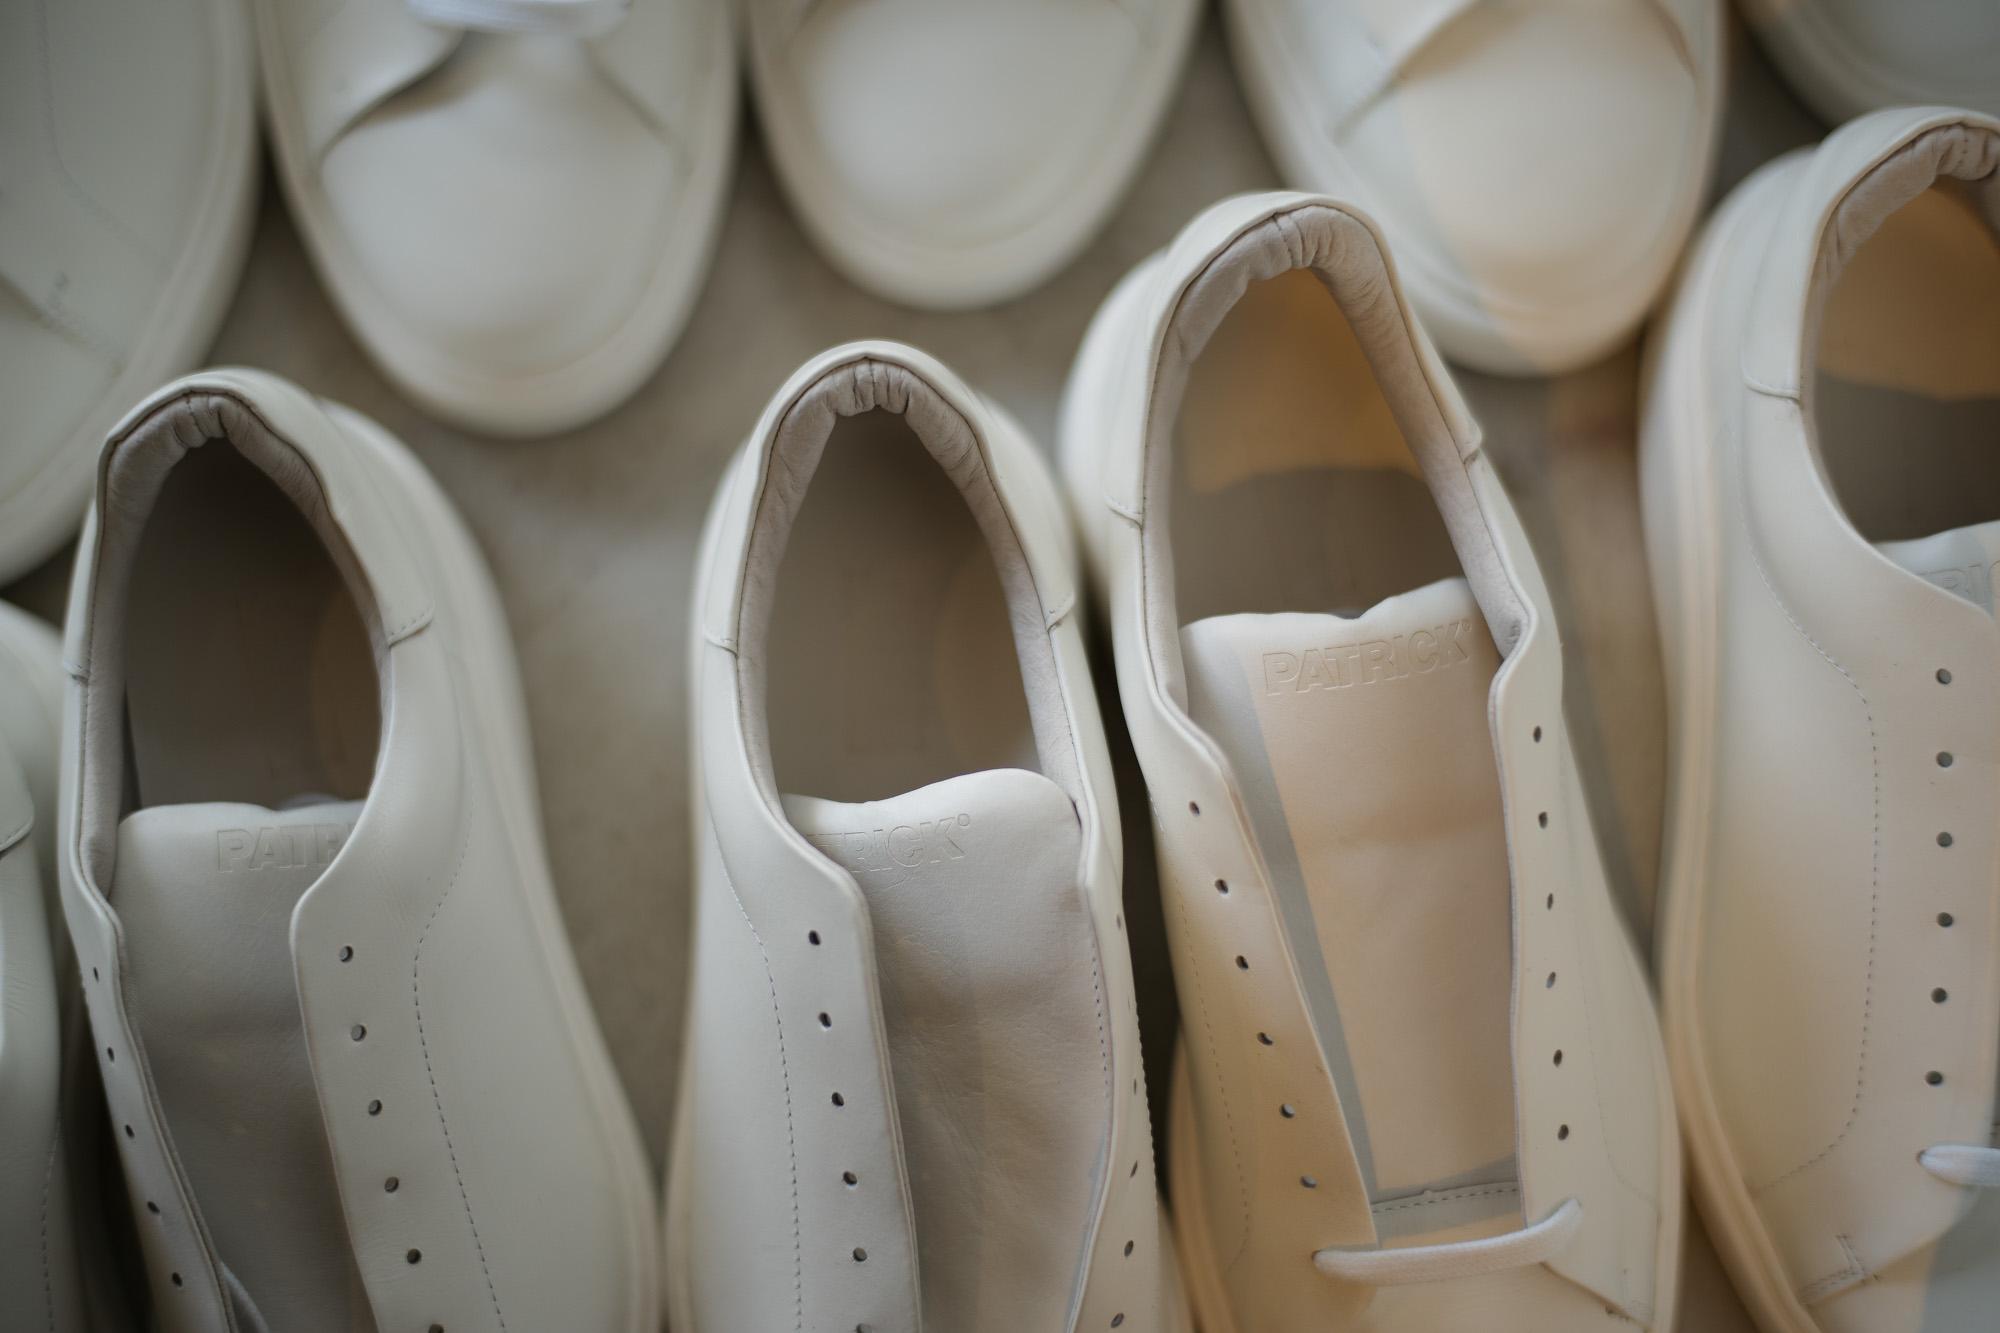 PATRICK(パトリック) CRUISE LINE クルーズライン GENOVA (ジェノバ) Annonay Vocalou Calf Leather (アノネイ社 ボカルーカーフ レザー) ローカット レザー スニーカー WHITE (ホワイト・WHT) MADE IN JAPAN(日本製) 2018 春夏新作 【第1便入荷しました】【7月下旬入荷分ご予約受付中】【8月下旬入荷分ご予約受付中】 patrick パトリック cruiseline クルーズライン 愛知 名古屋 ZODIAC ゾディアック 干場義雅 坪内浩